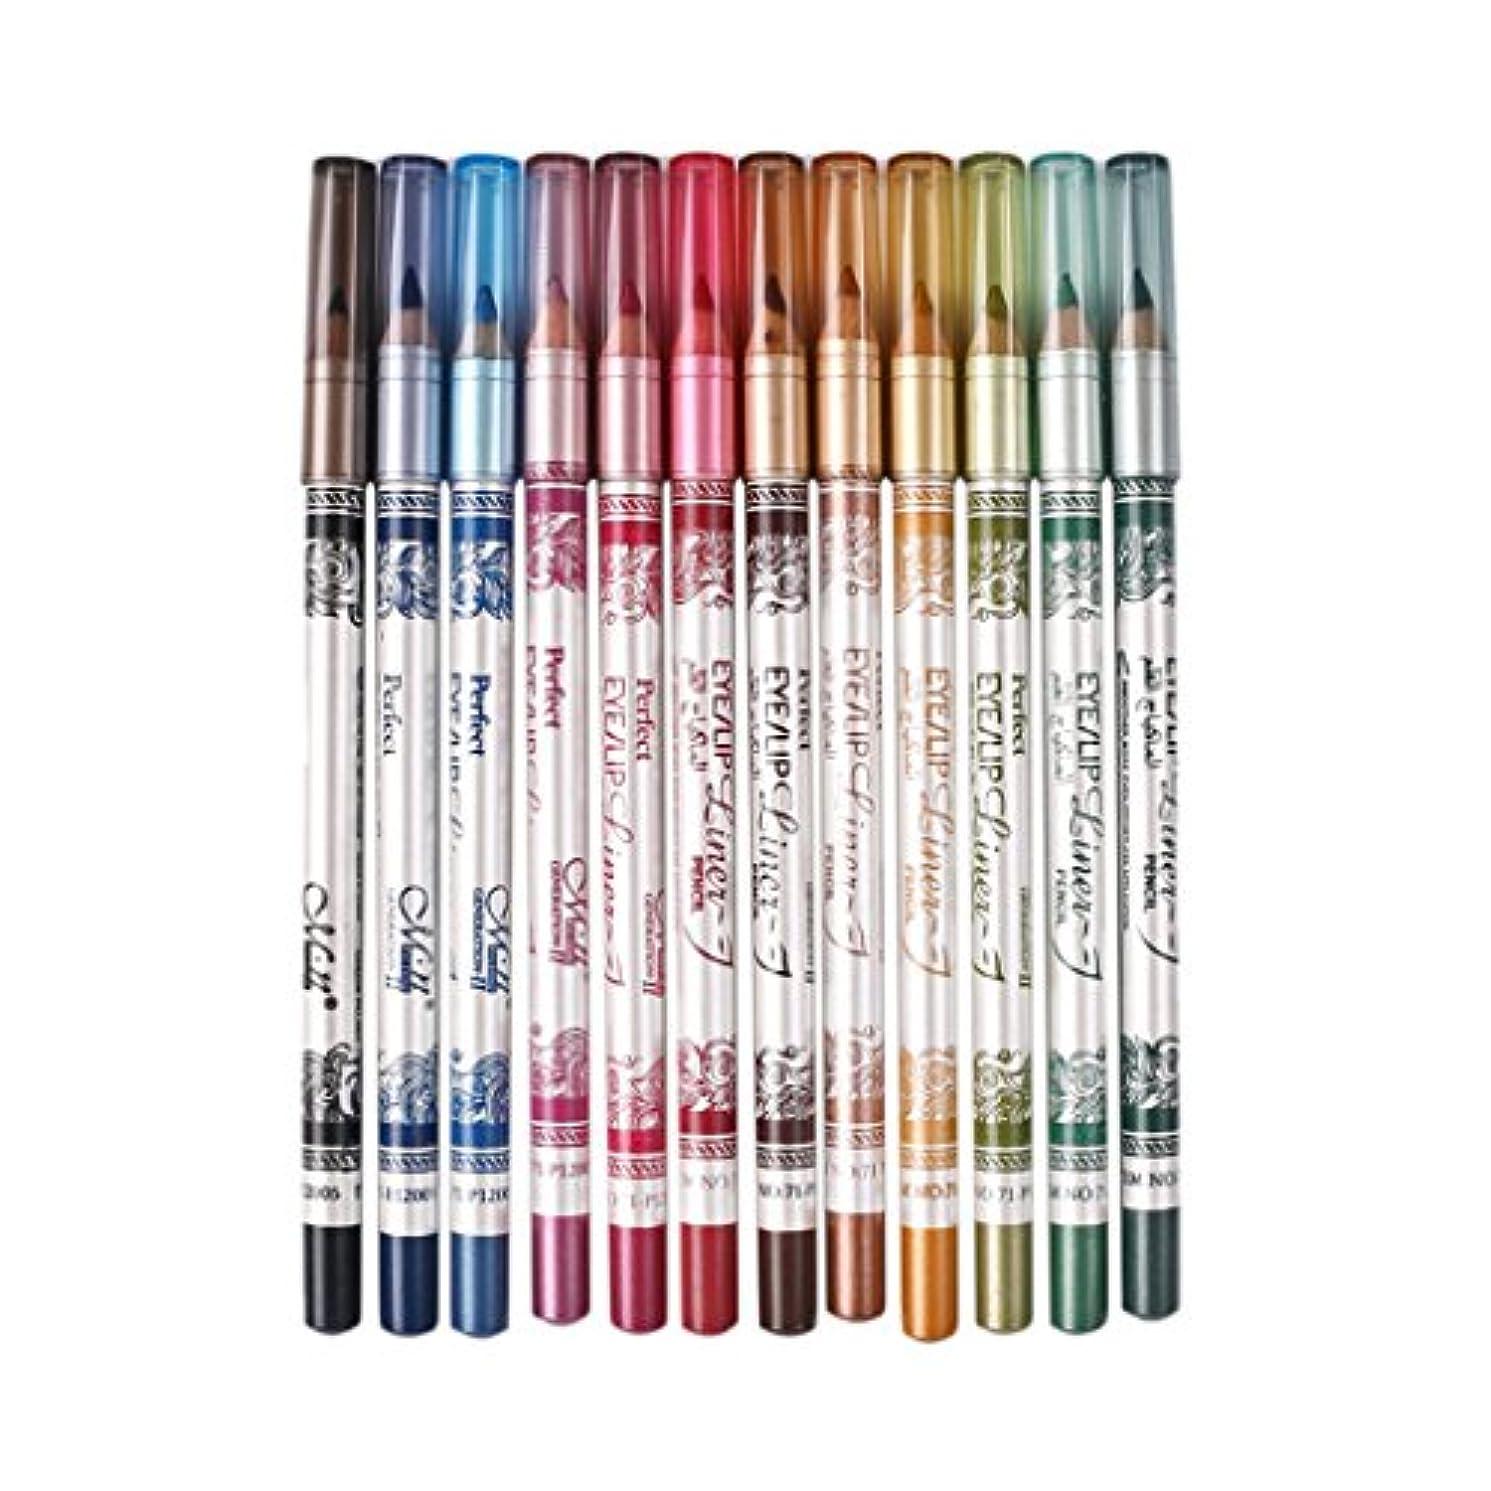 悪性の母性マサッチョKesoto アイライナー リップ アイシャドウ 鉛筆 セット おしゃれ 12色 耐汗性 耐熱性 耐水性